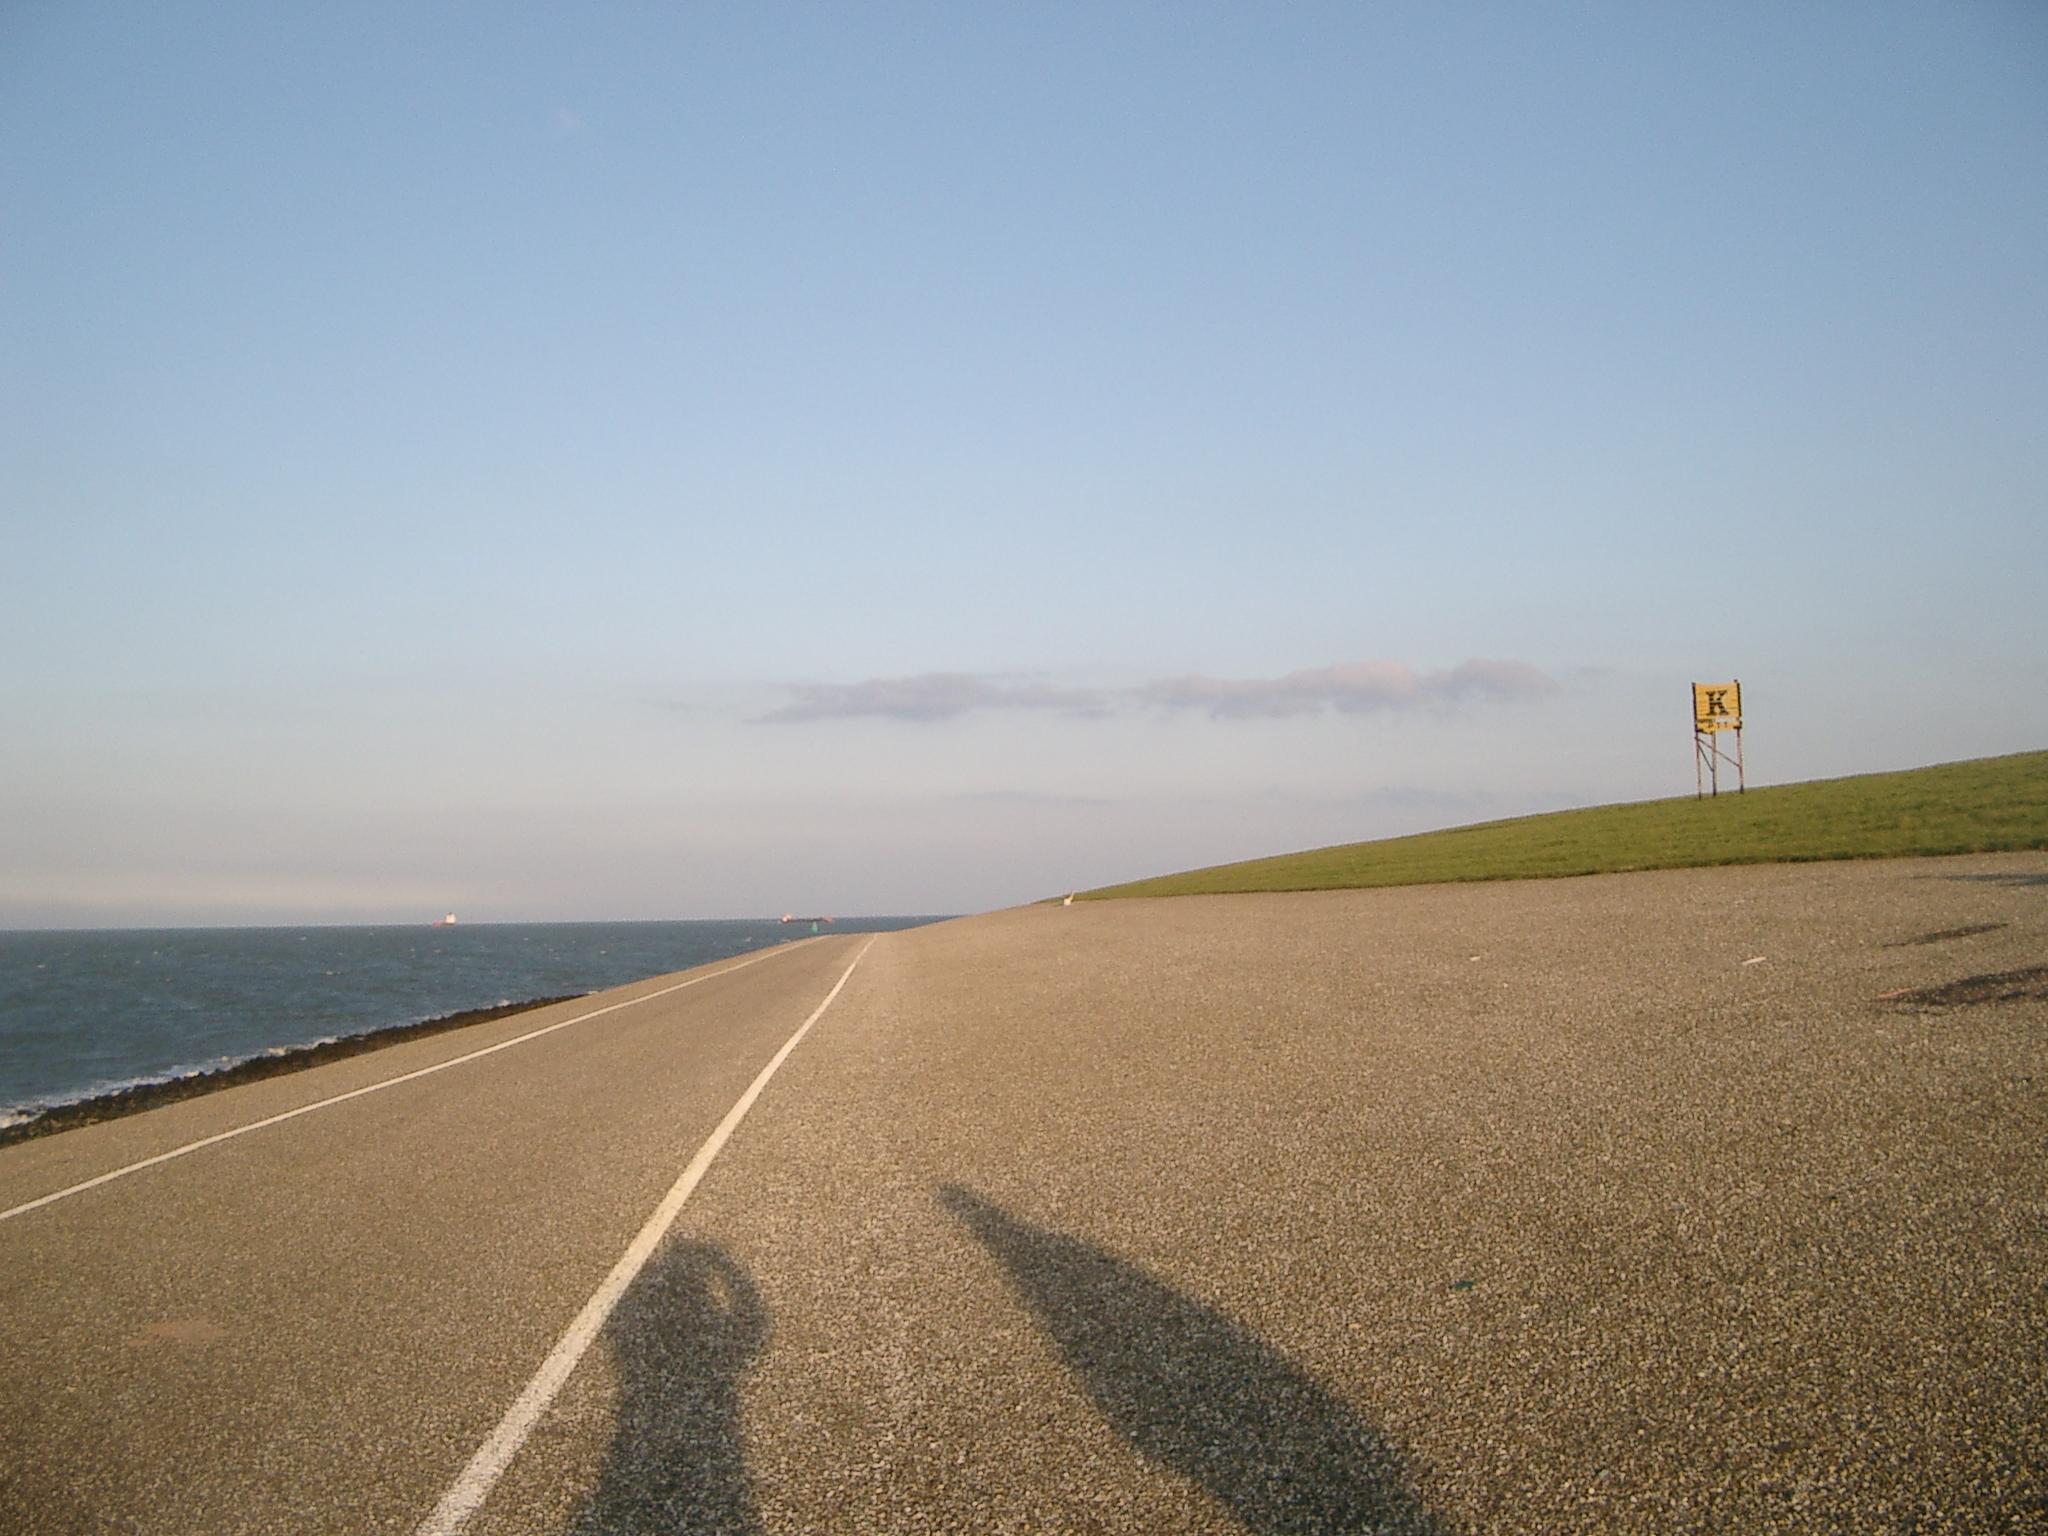 ทะเลที่นี่ไม่มีหาดทรายสวยๆ นะคะ มีถนน เห็นเส้นสีขาวไหมคะ ตรงกลางนั้นให้รถวิ่งค่ะ และเส้นริมด้านที่ติดทะเลนั่น ให้จักรยานค่ะ !!!